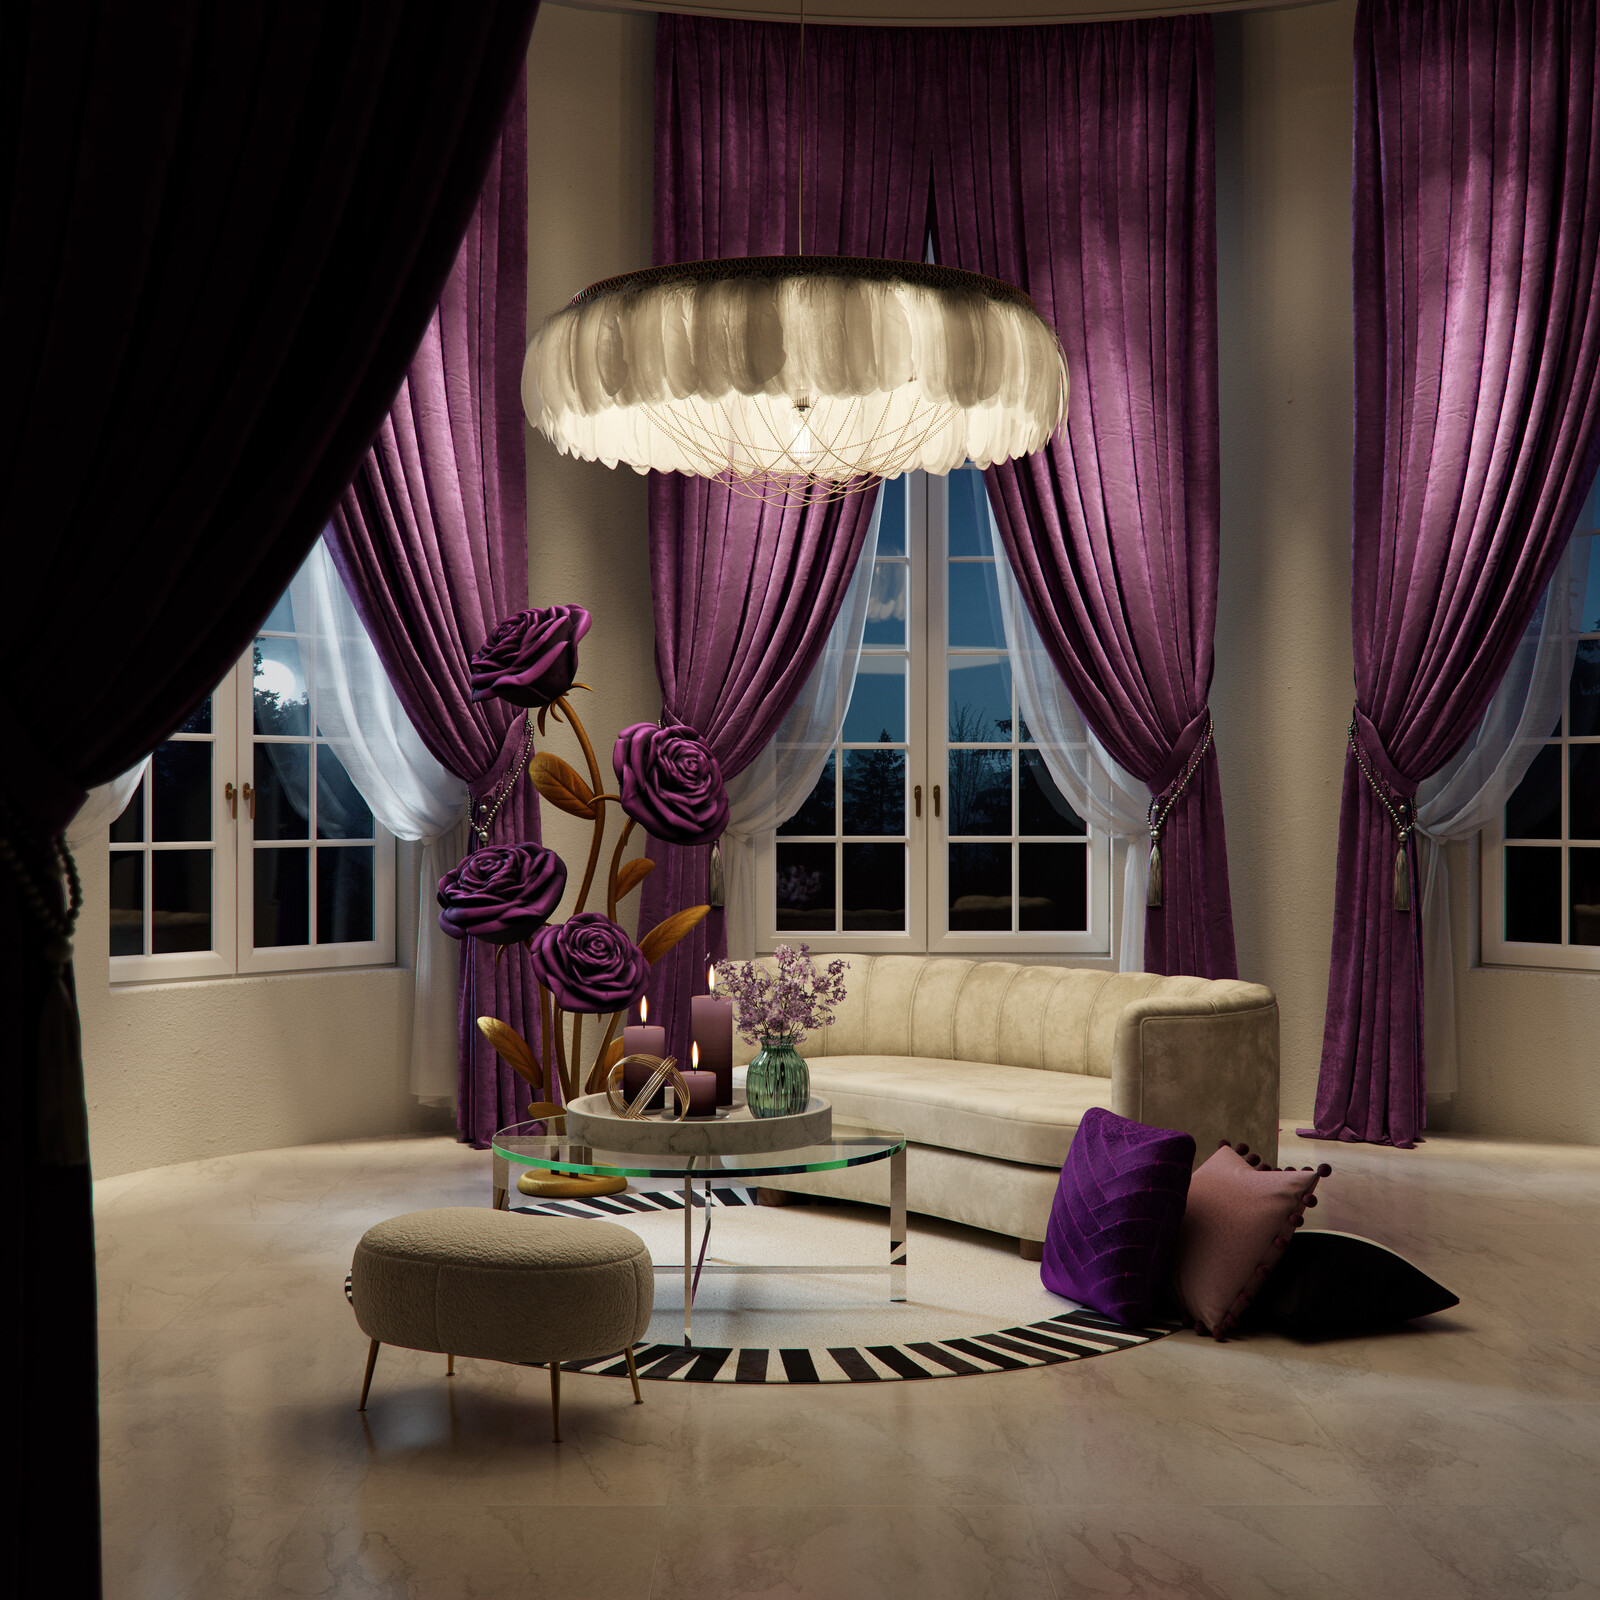 Design Home - October Loading Image